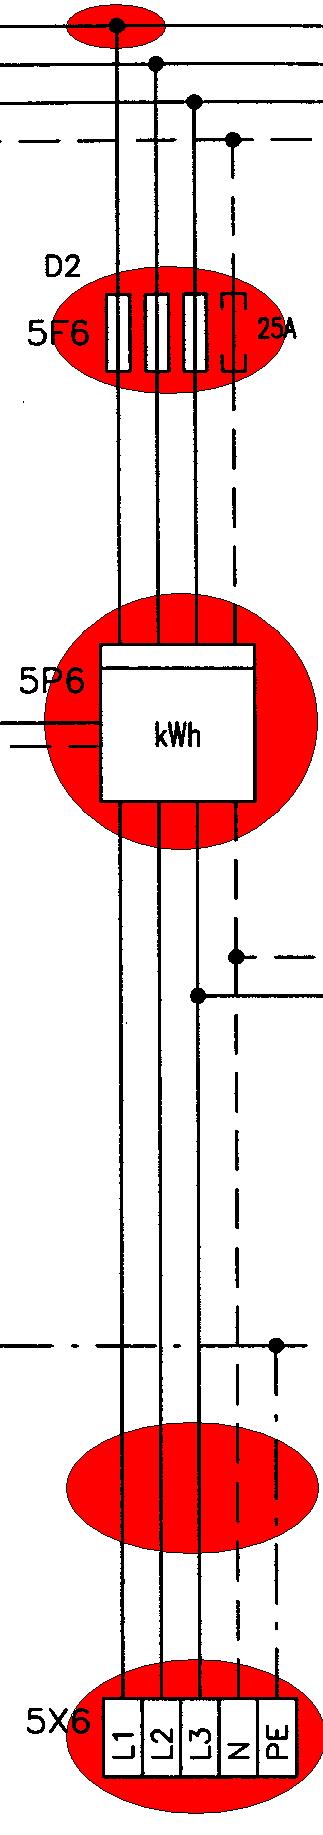 Kategorie Elektro Symbole im Elektroschaltplan - Elektricks.com